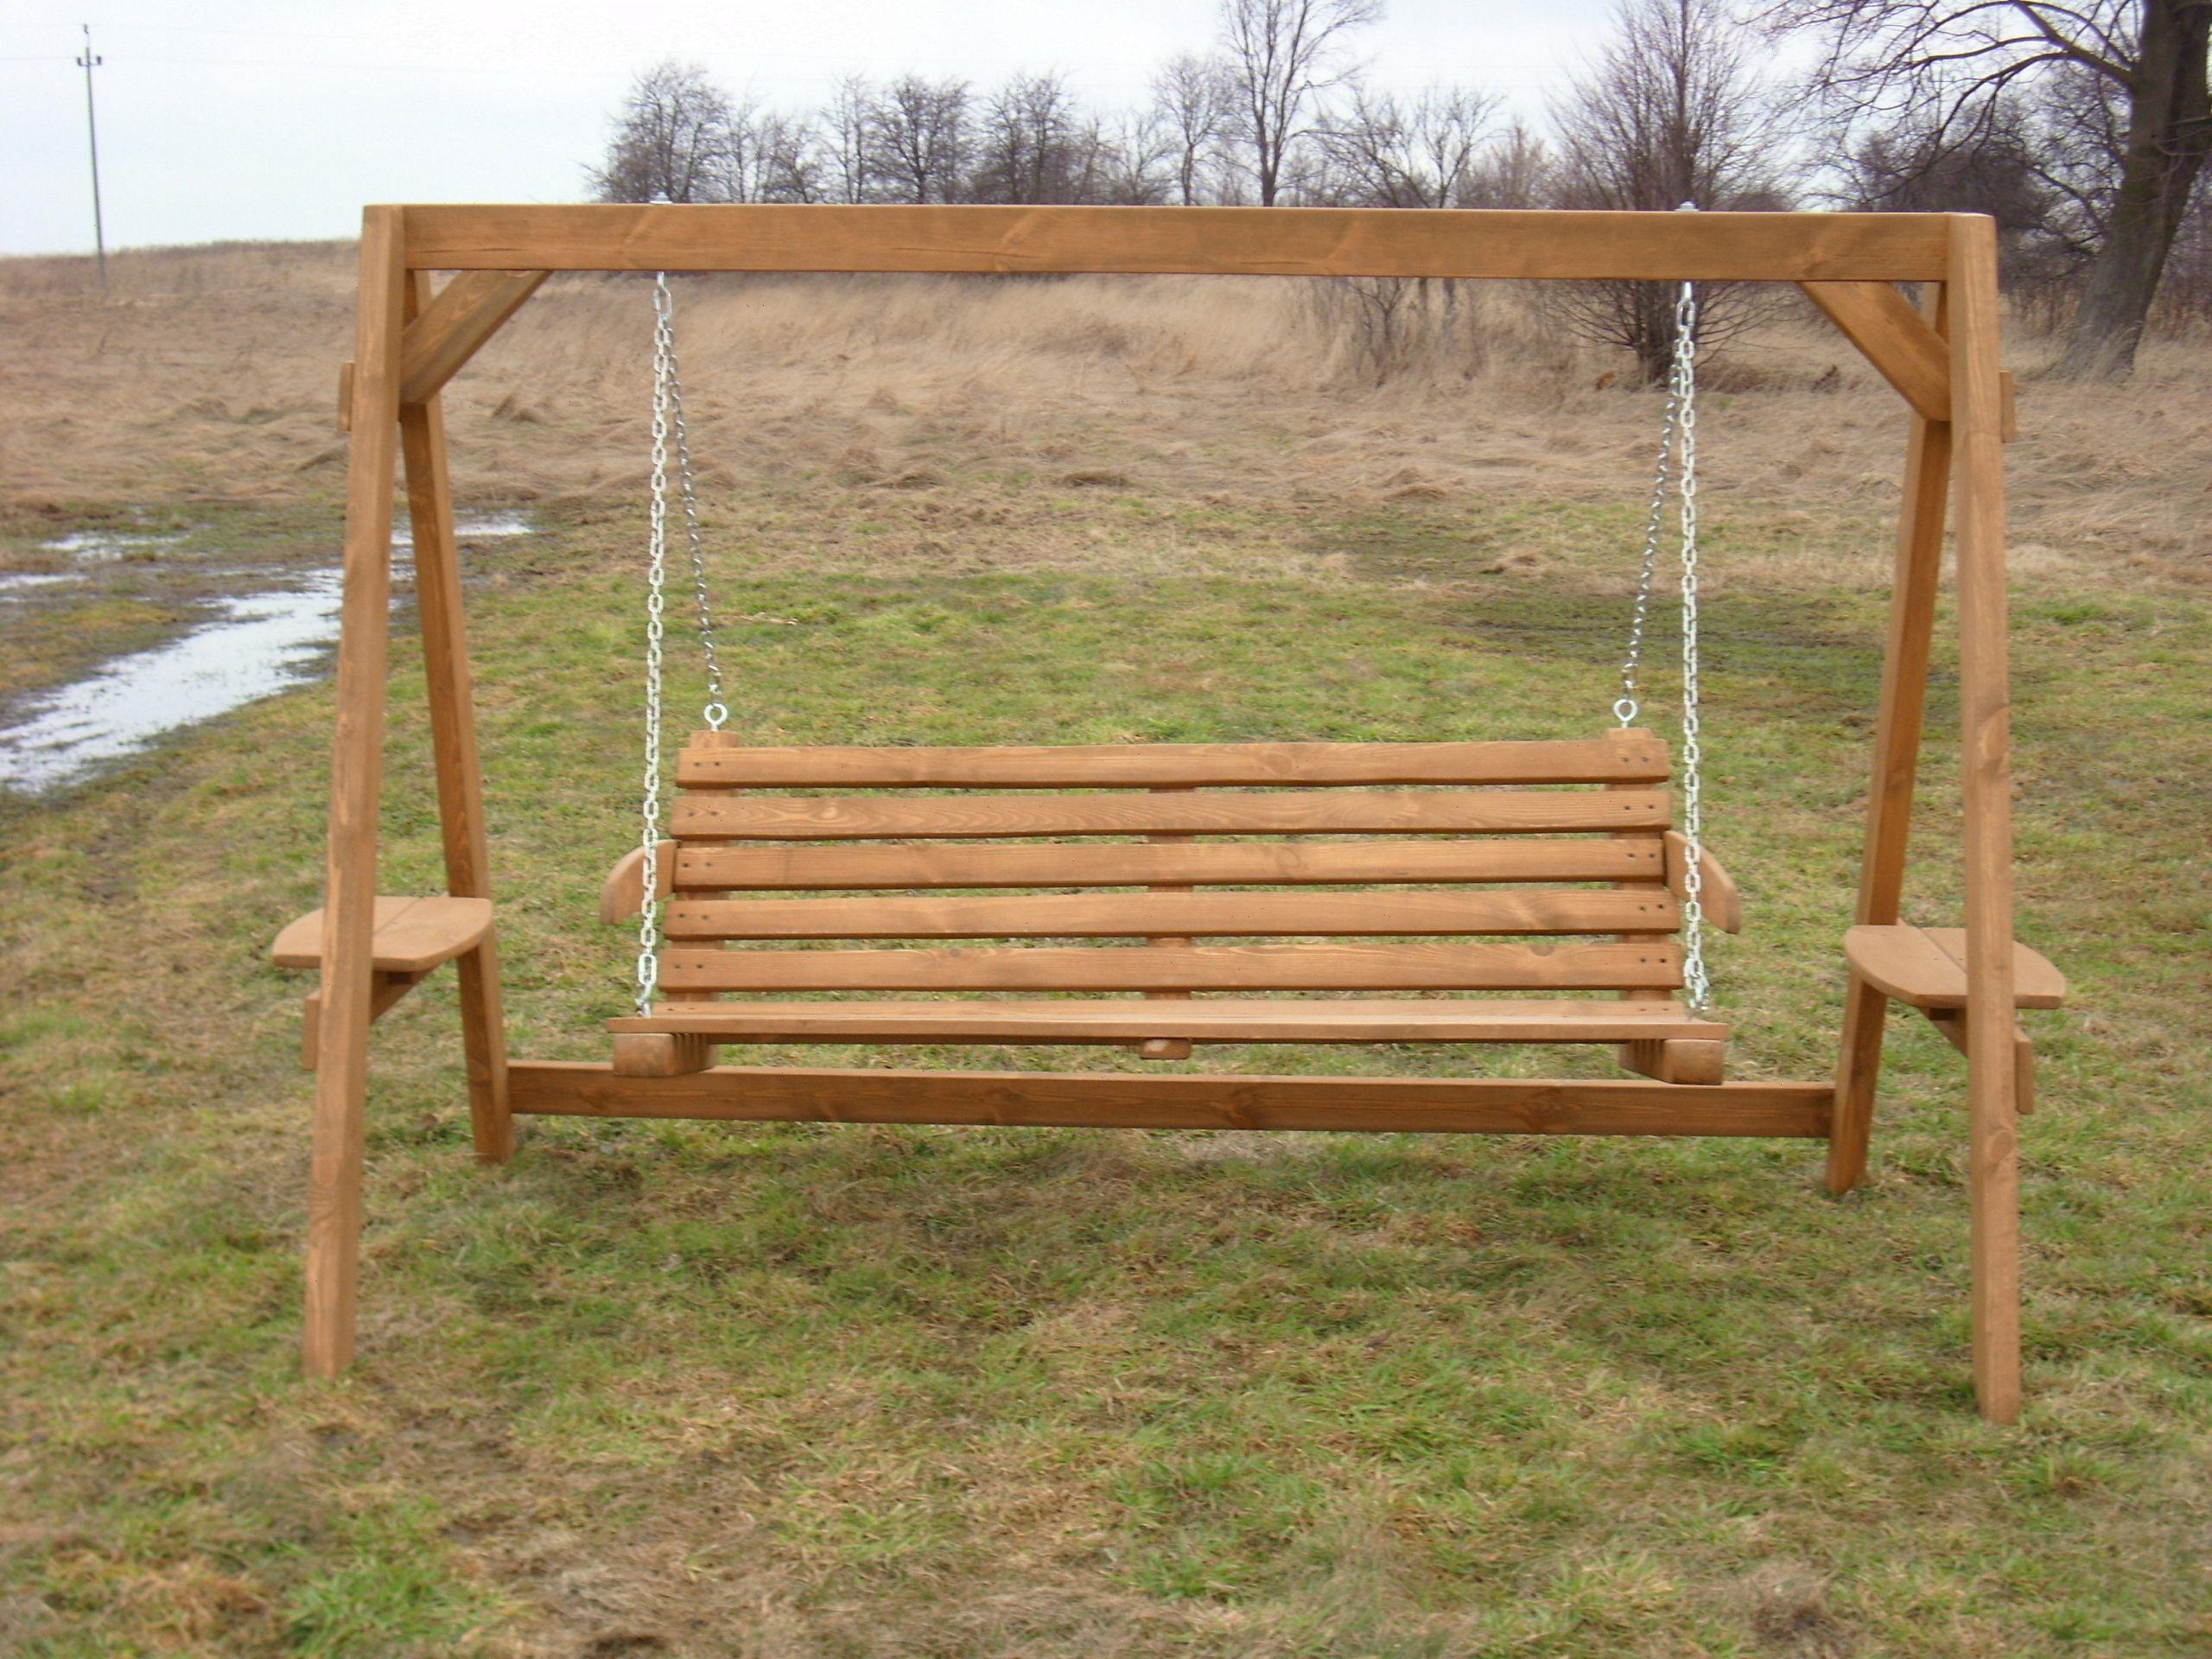 Hustawka Ogrodowa Z Drewna Siedzisko Bujak Diy Home Improvement Porch Swing Home Diy